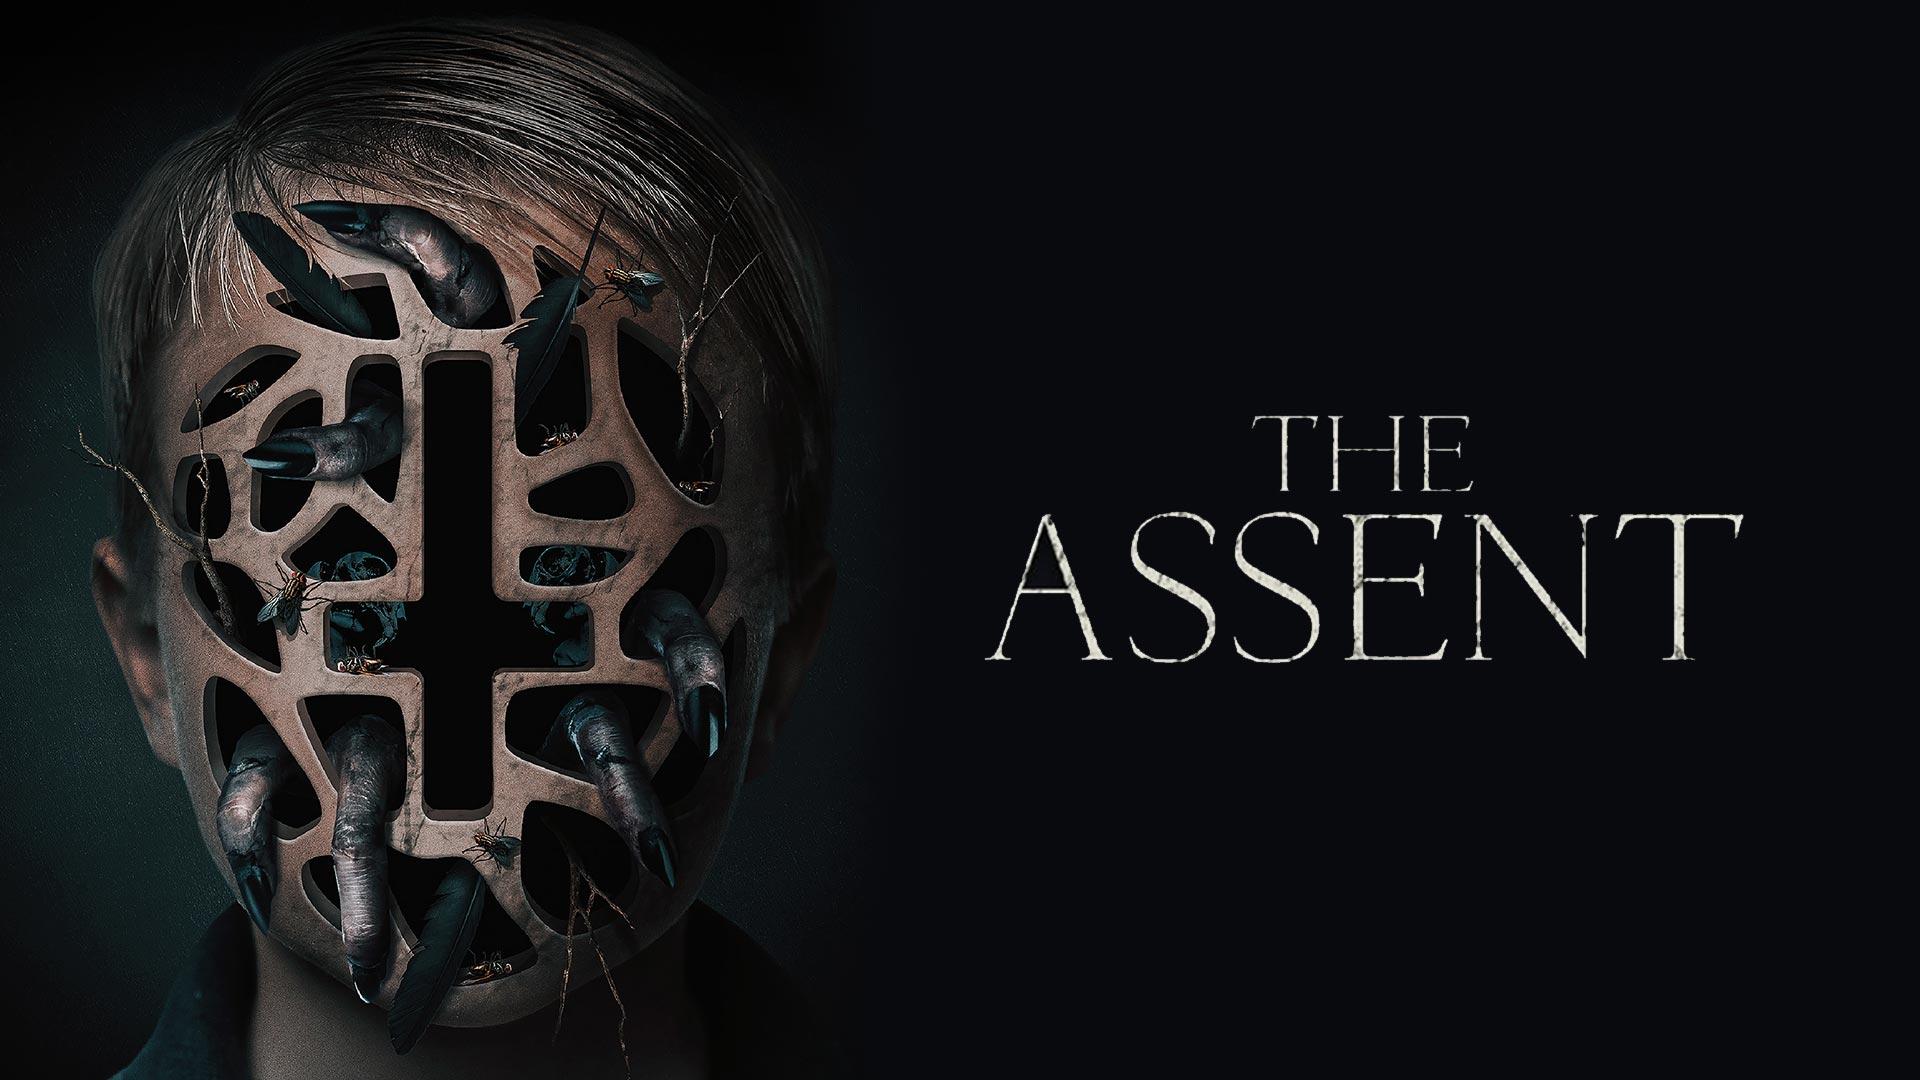 The Assent - Unterwirf Dich der Dunkelheit